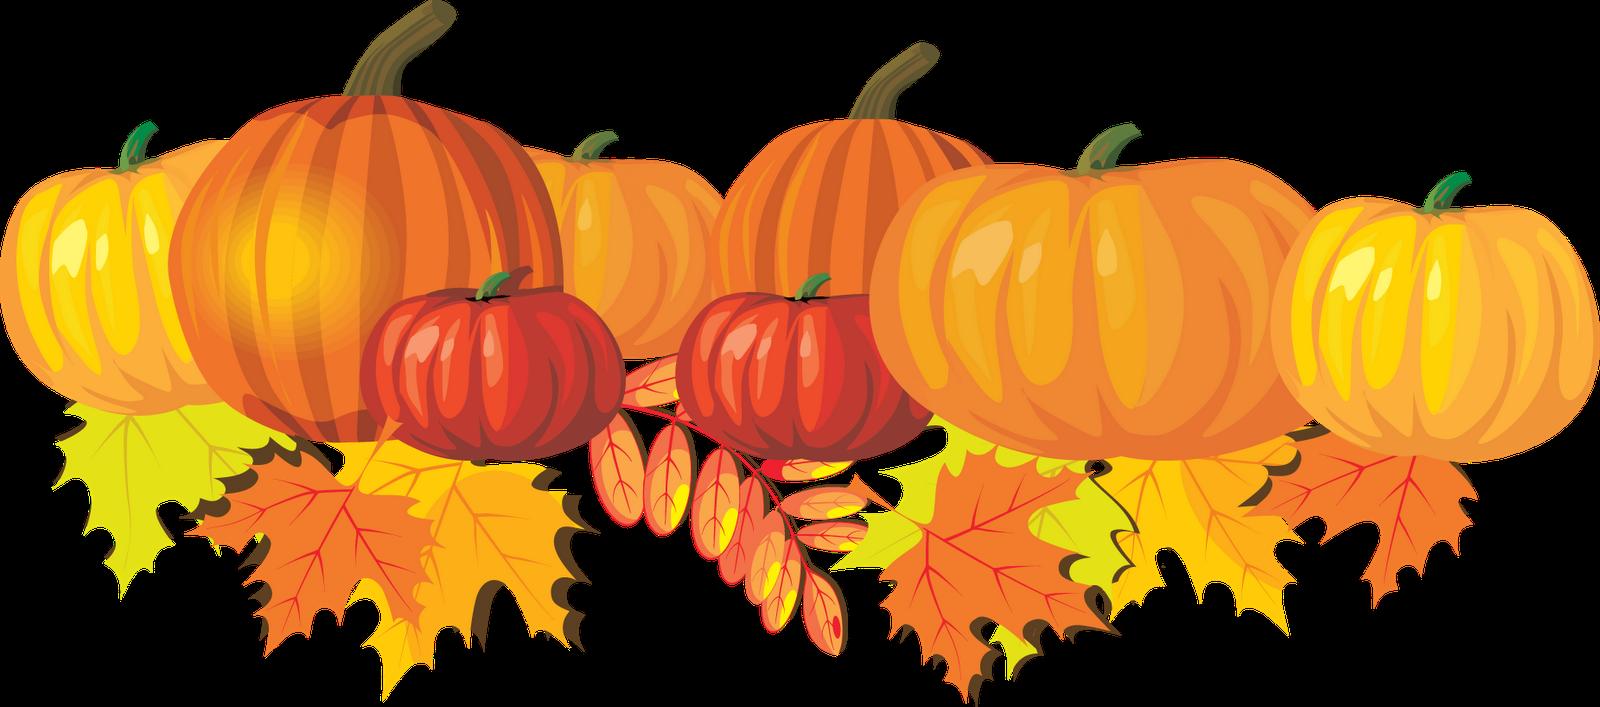 Gourd clipart pumpkin farm 4 Clipart Patch Pumpkin Pumpkin